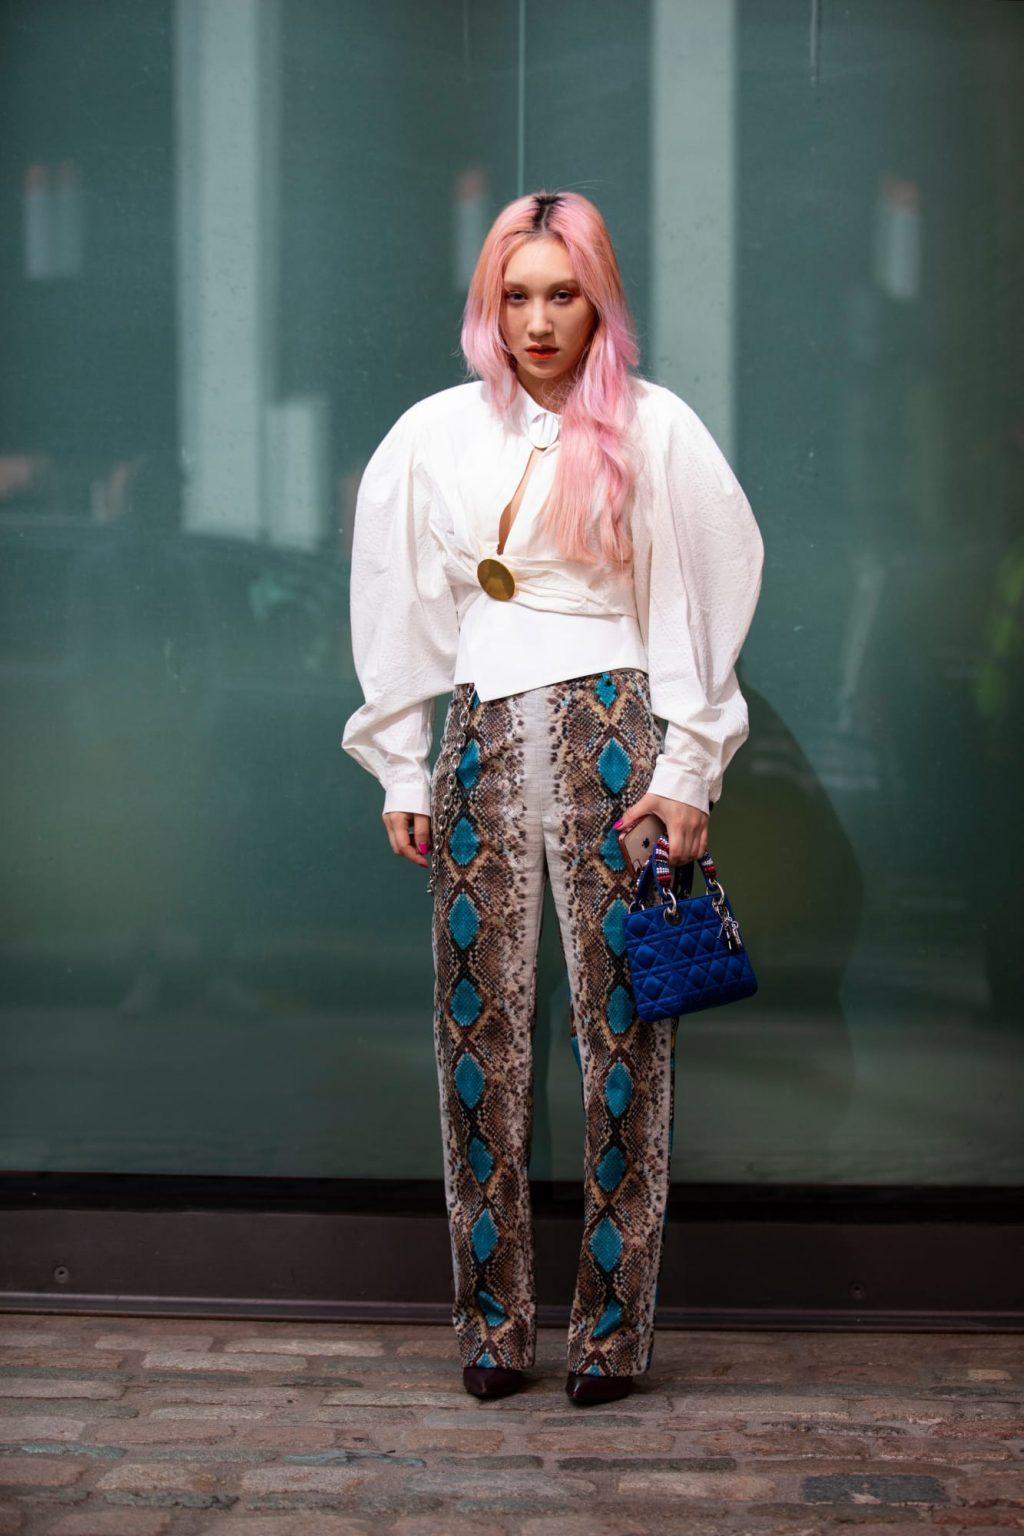 tuần lễ thời trang London 2019  22